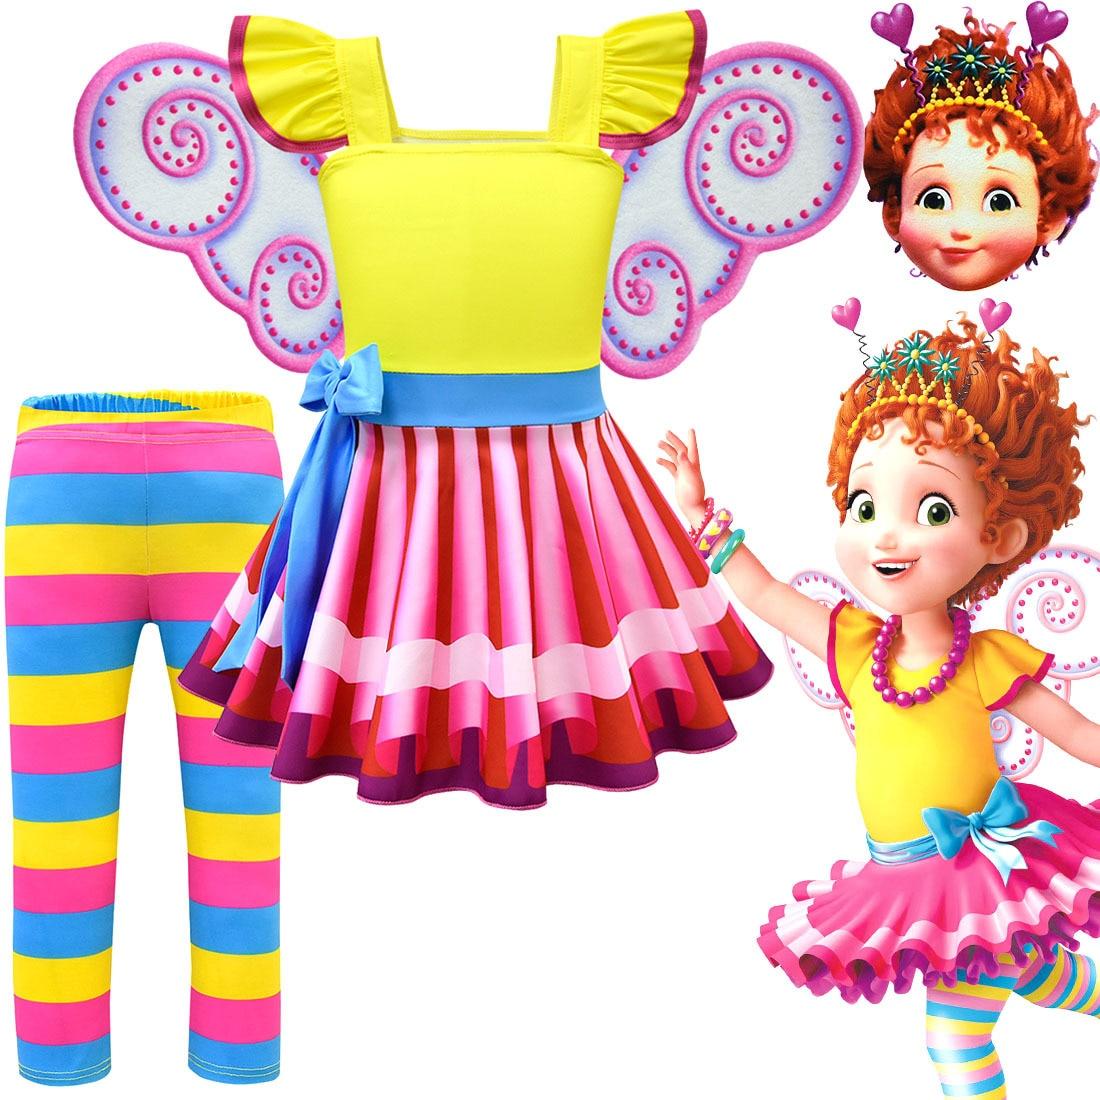 Meninas Fantasia Nancy Vestido Novo Vestido de Verão As Crianças Vestidos de Festa de Aniversário Da Criança Traje Cosplay T shirt Calças Asas Roupas Máscara